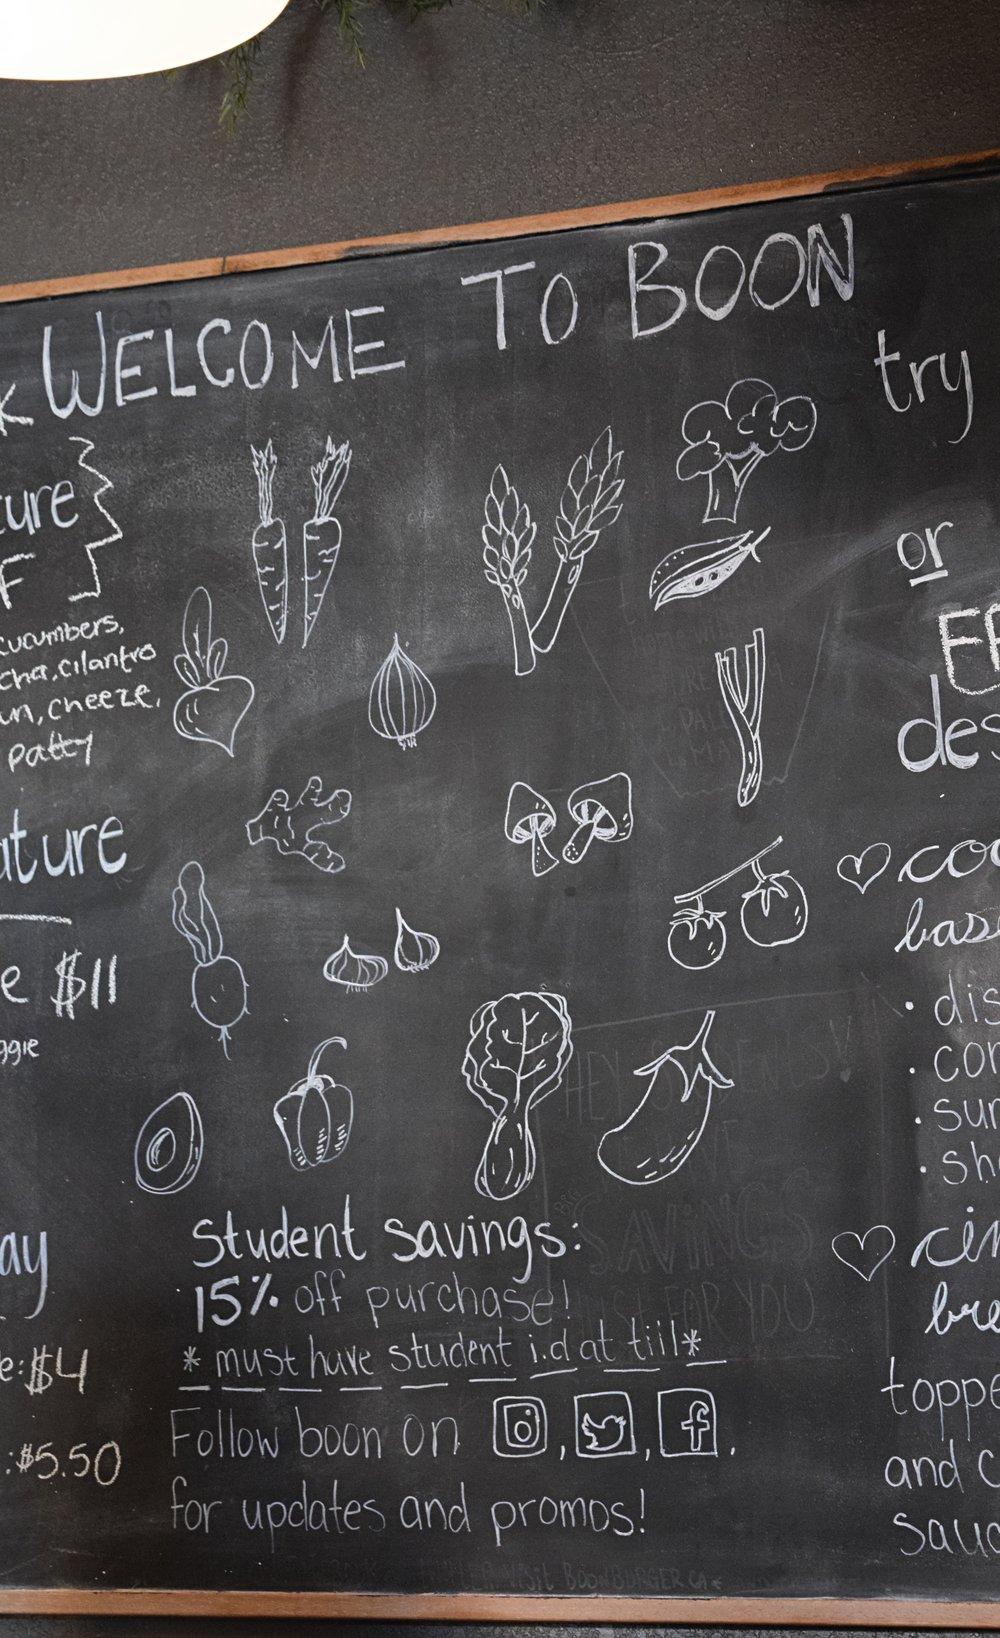 boon-burger-chalk-board.jpg